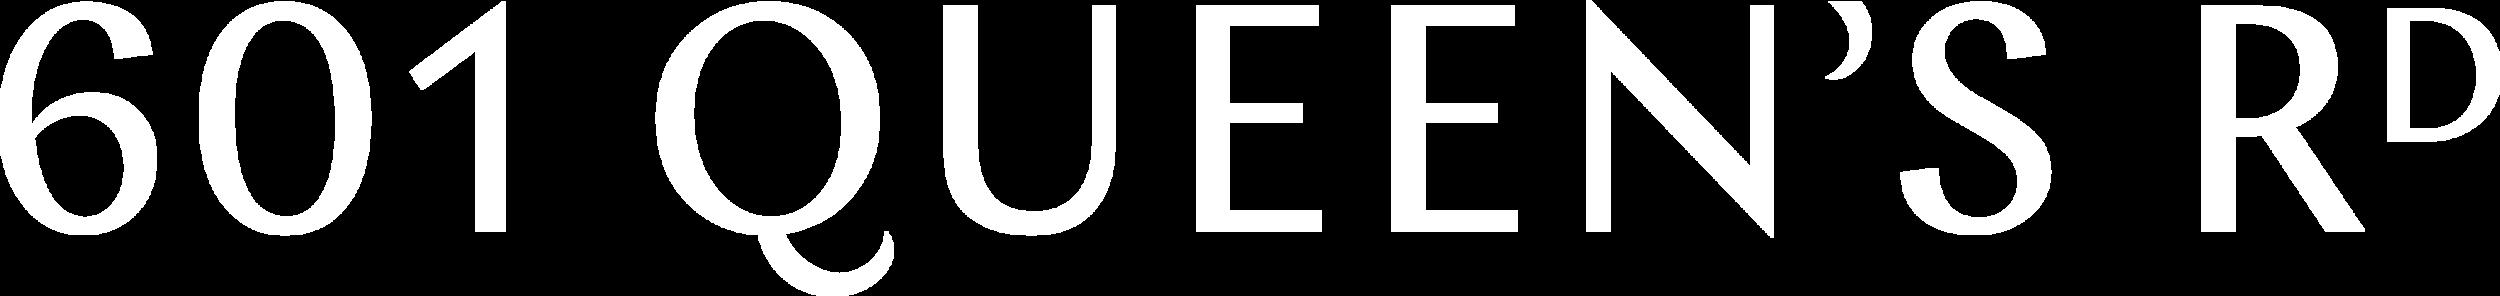 601_logo_full_white@3x.png